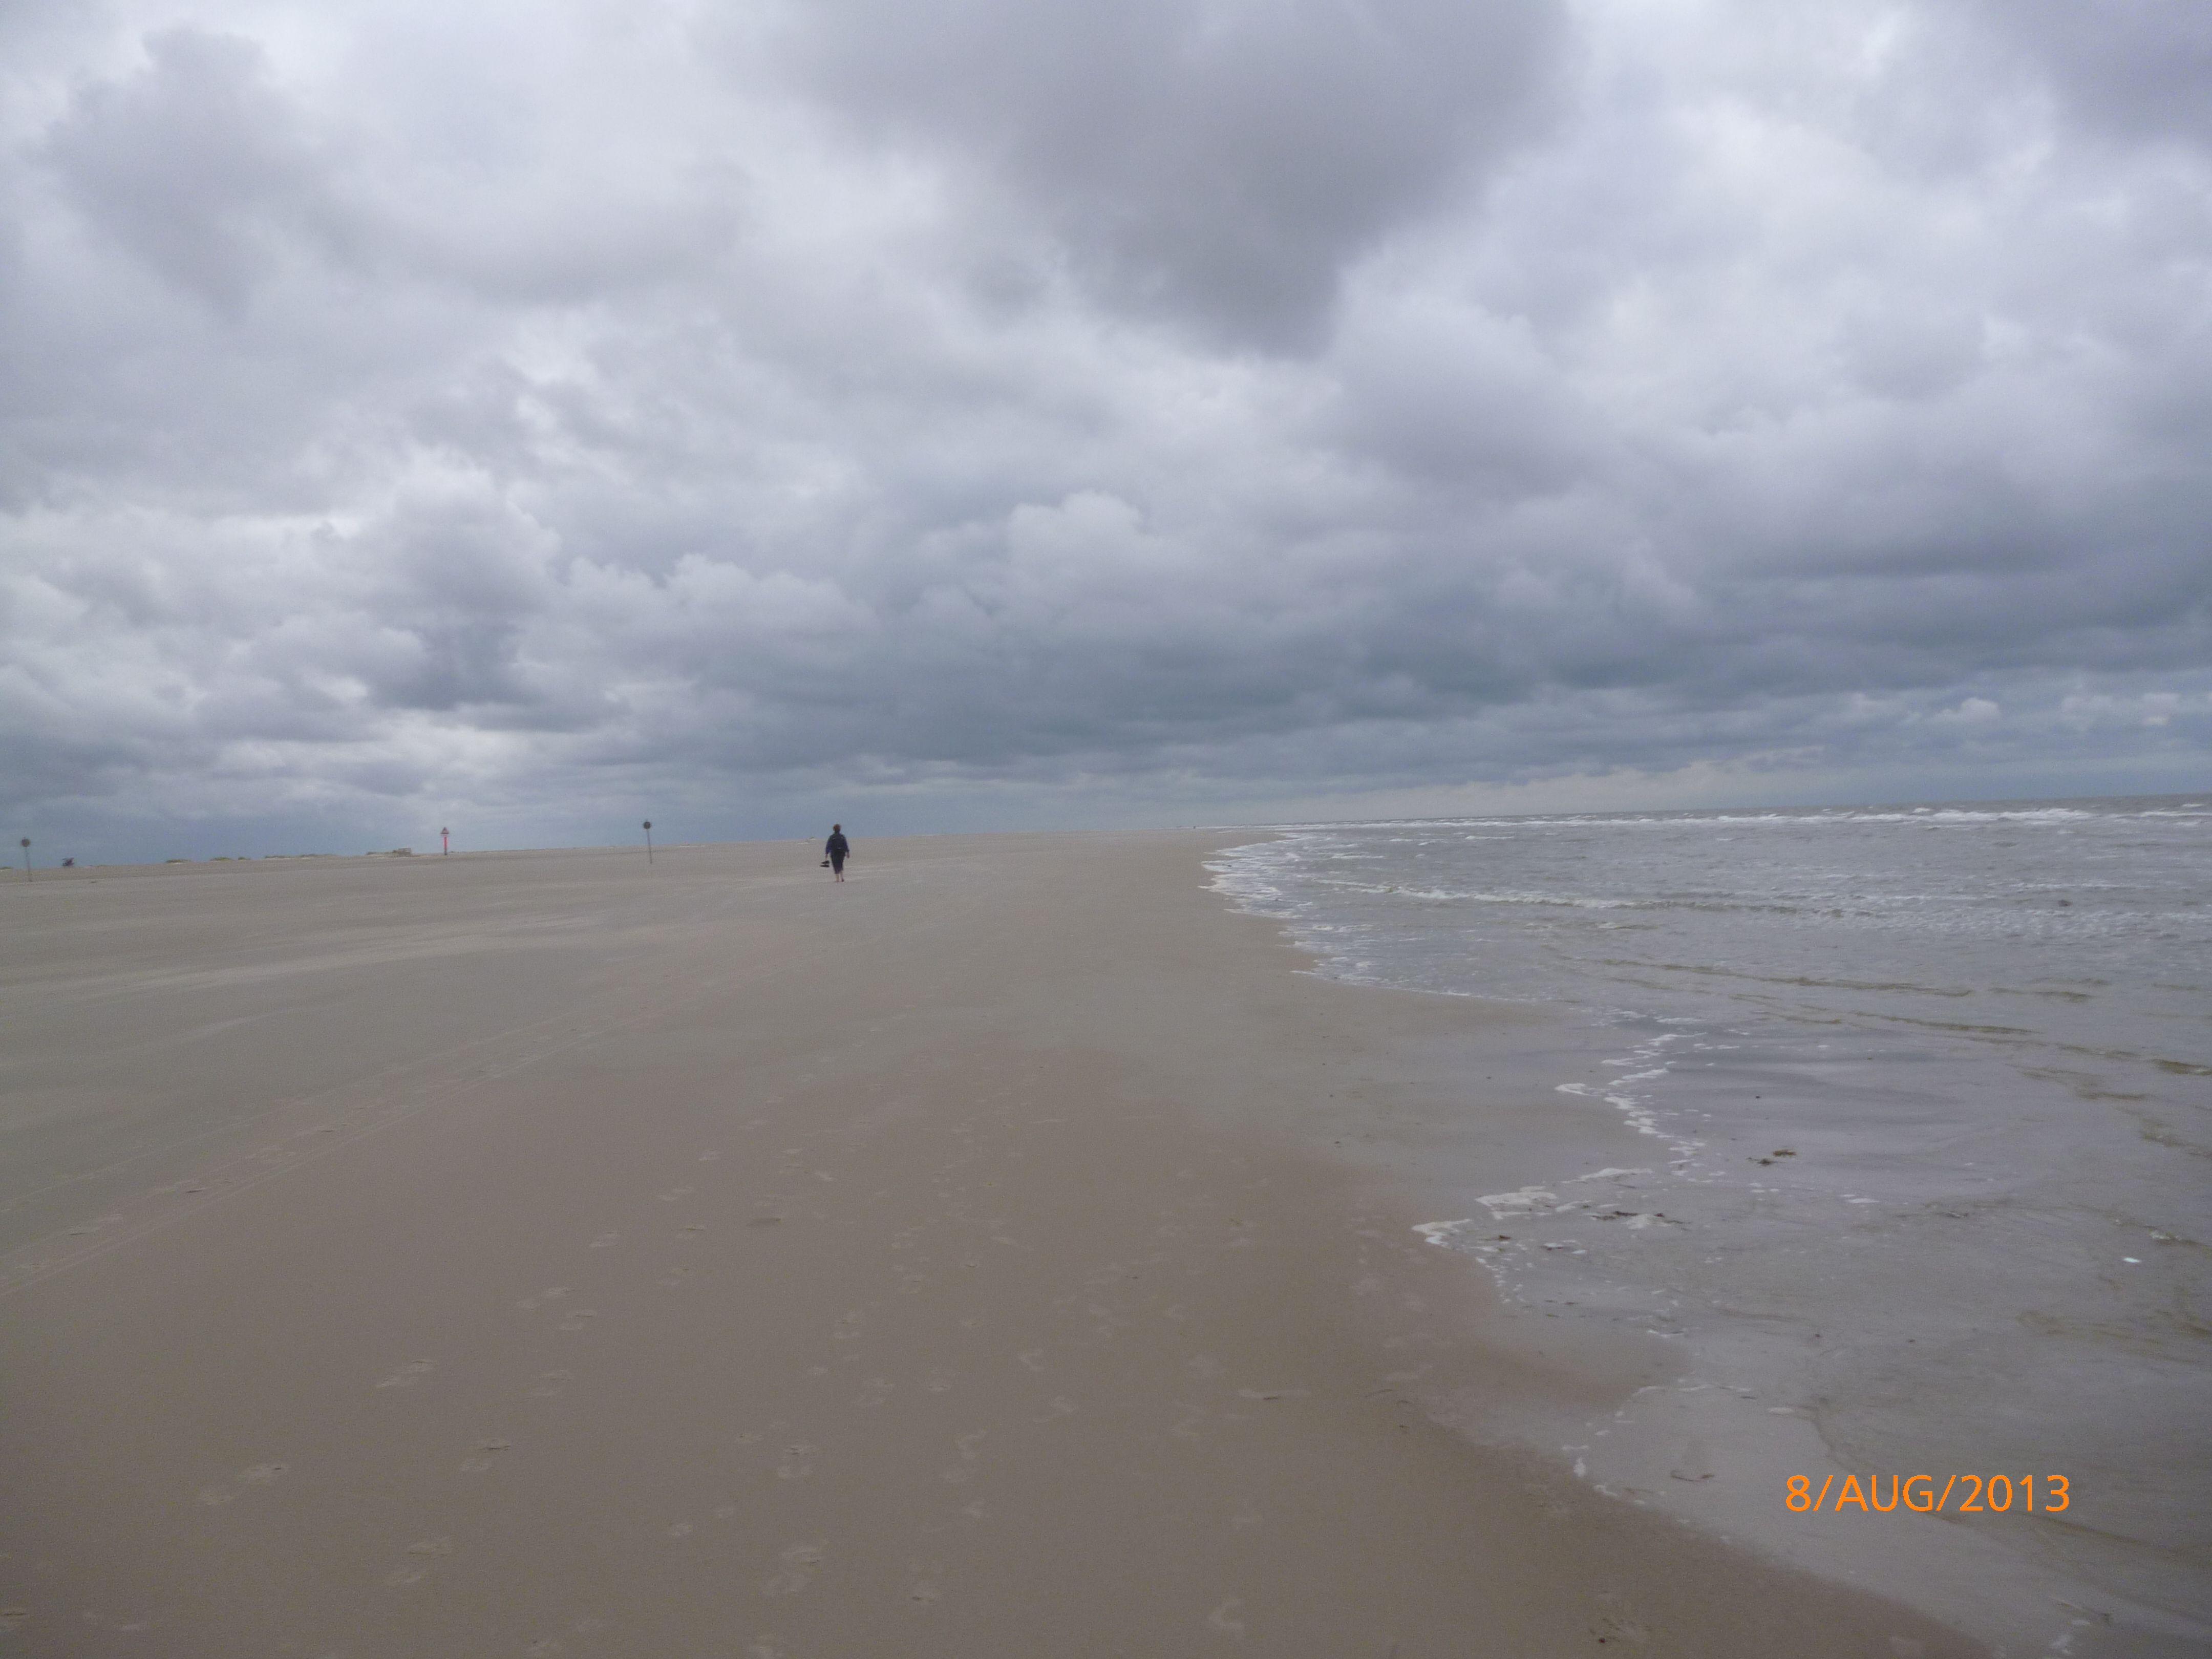 Der Urlaub dieses Jahr mit meinem Mann an der Nordsee, wo wir in St. Peter Ording romantische Stunden verbracht haben.